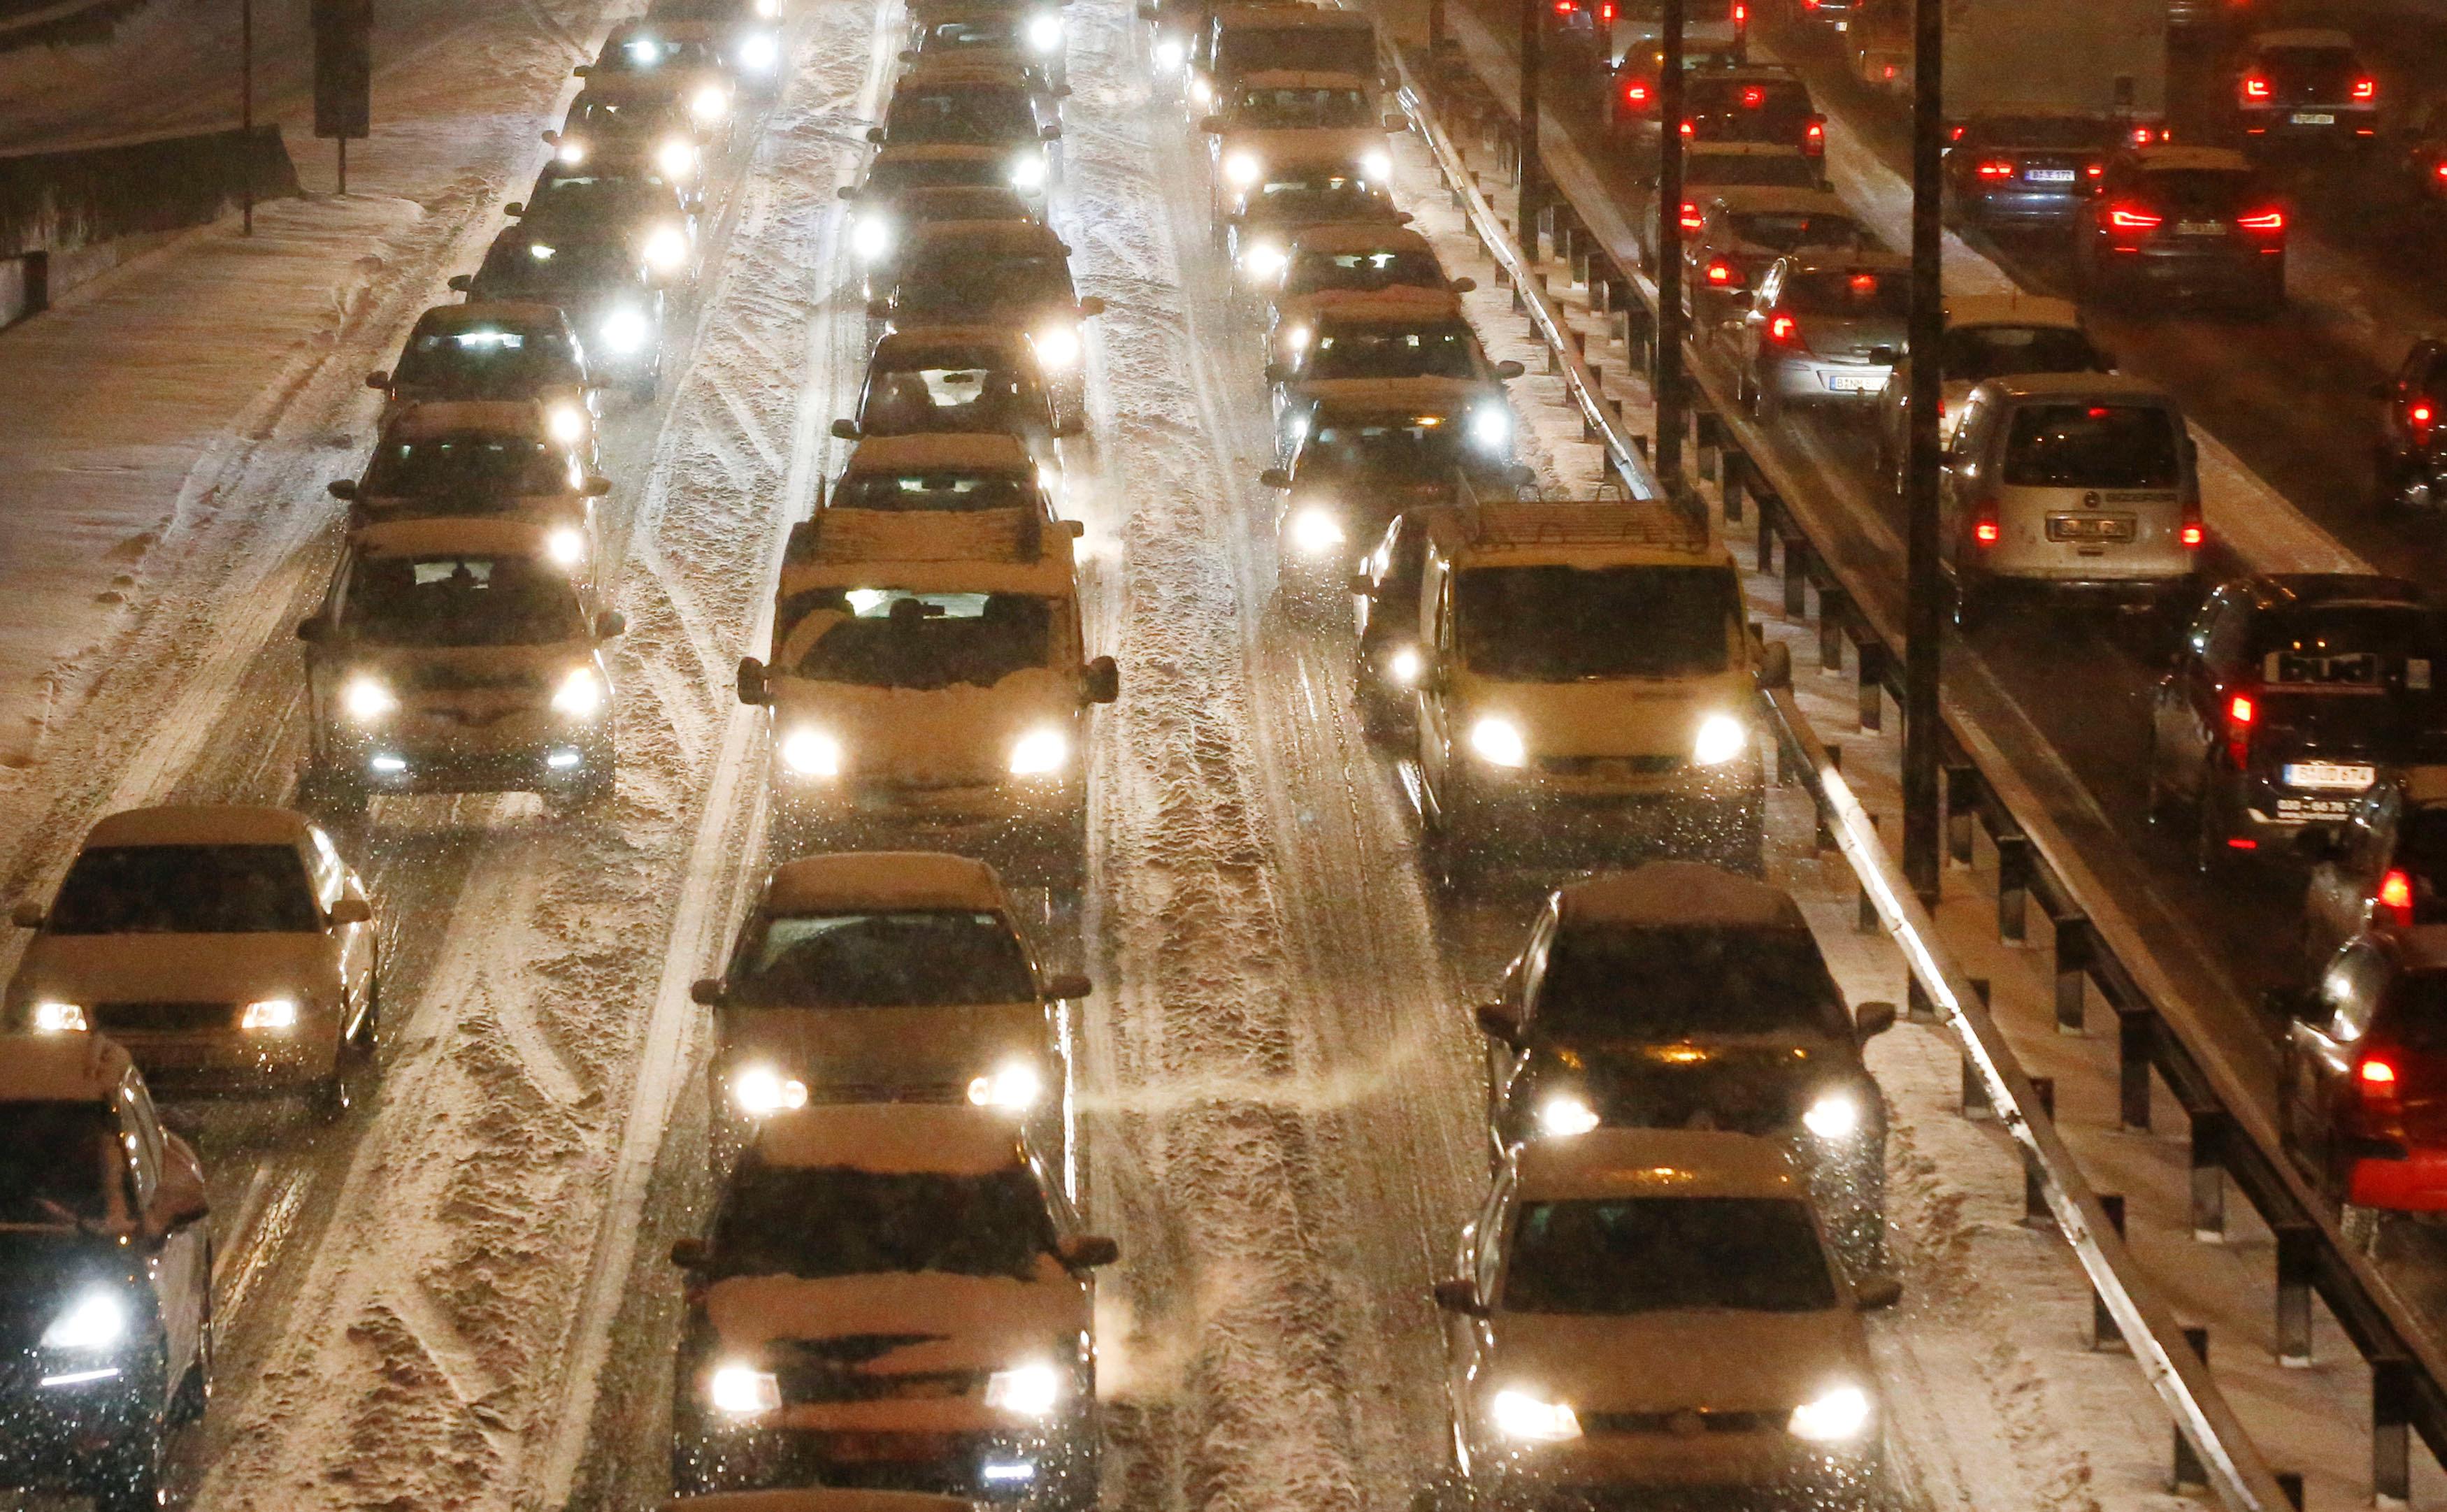 تعطل حركة المرور فى ألمانيا بسبب العاصفة الجليدية